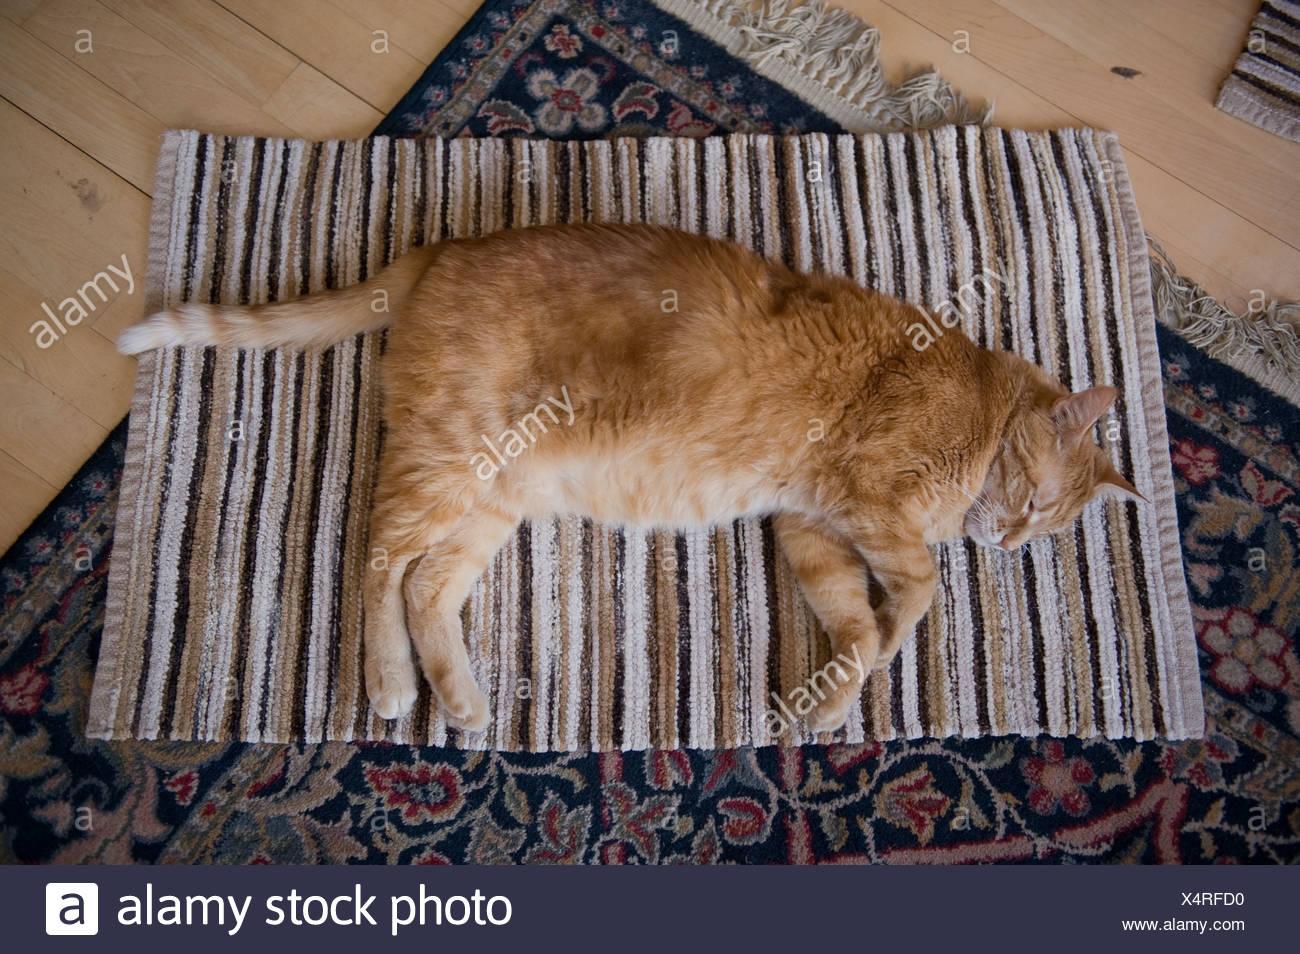 Un gatto riposa in pace su un tappeto a Lincoln, NE. Immagini Stock